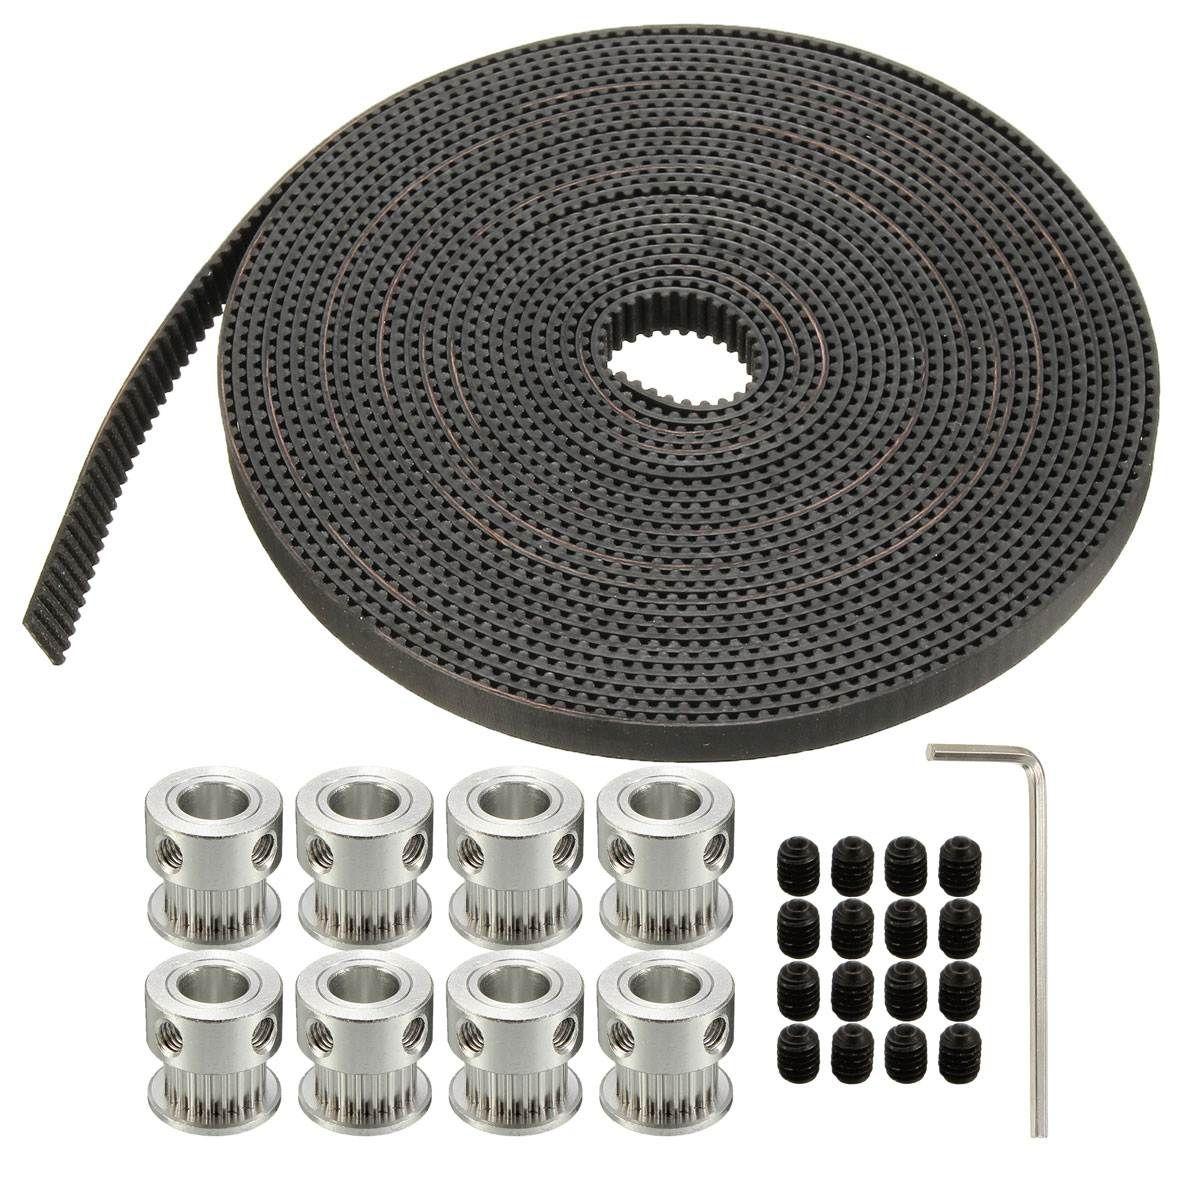 16 Stücke Schrauben 8 STÜCKE GT2 20 T Bohrung 8mm Zahnriemenscheibe & 5 mt Gürtel Für RepRap 3D drucker Großhandel Preis